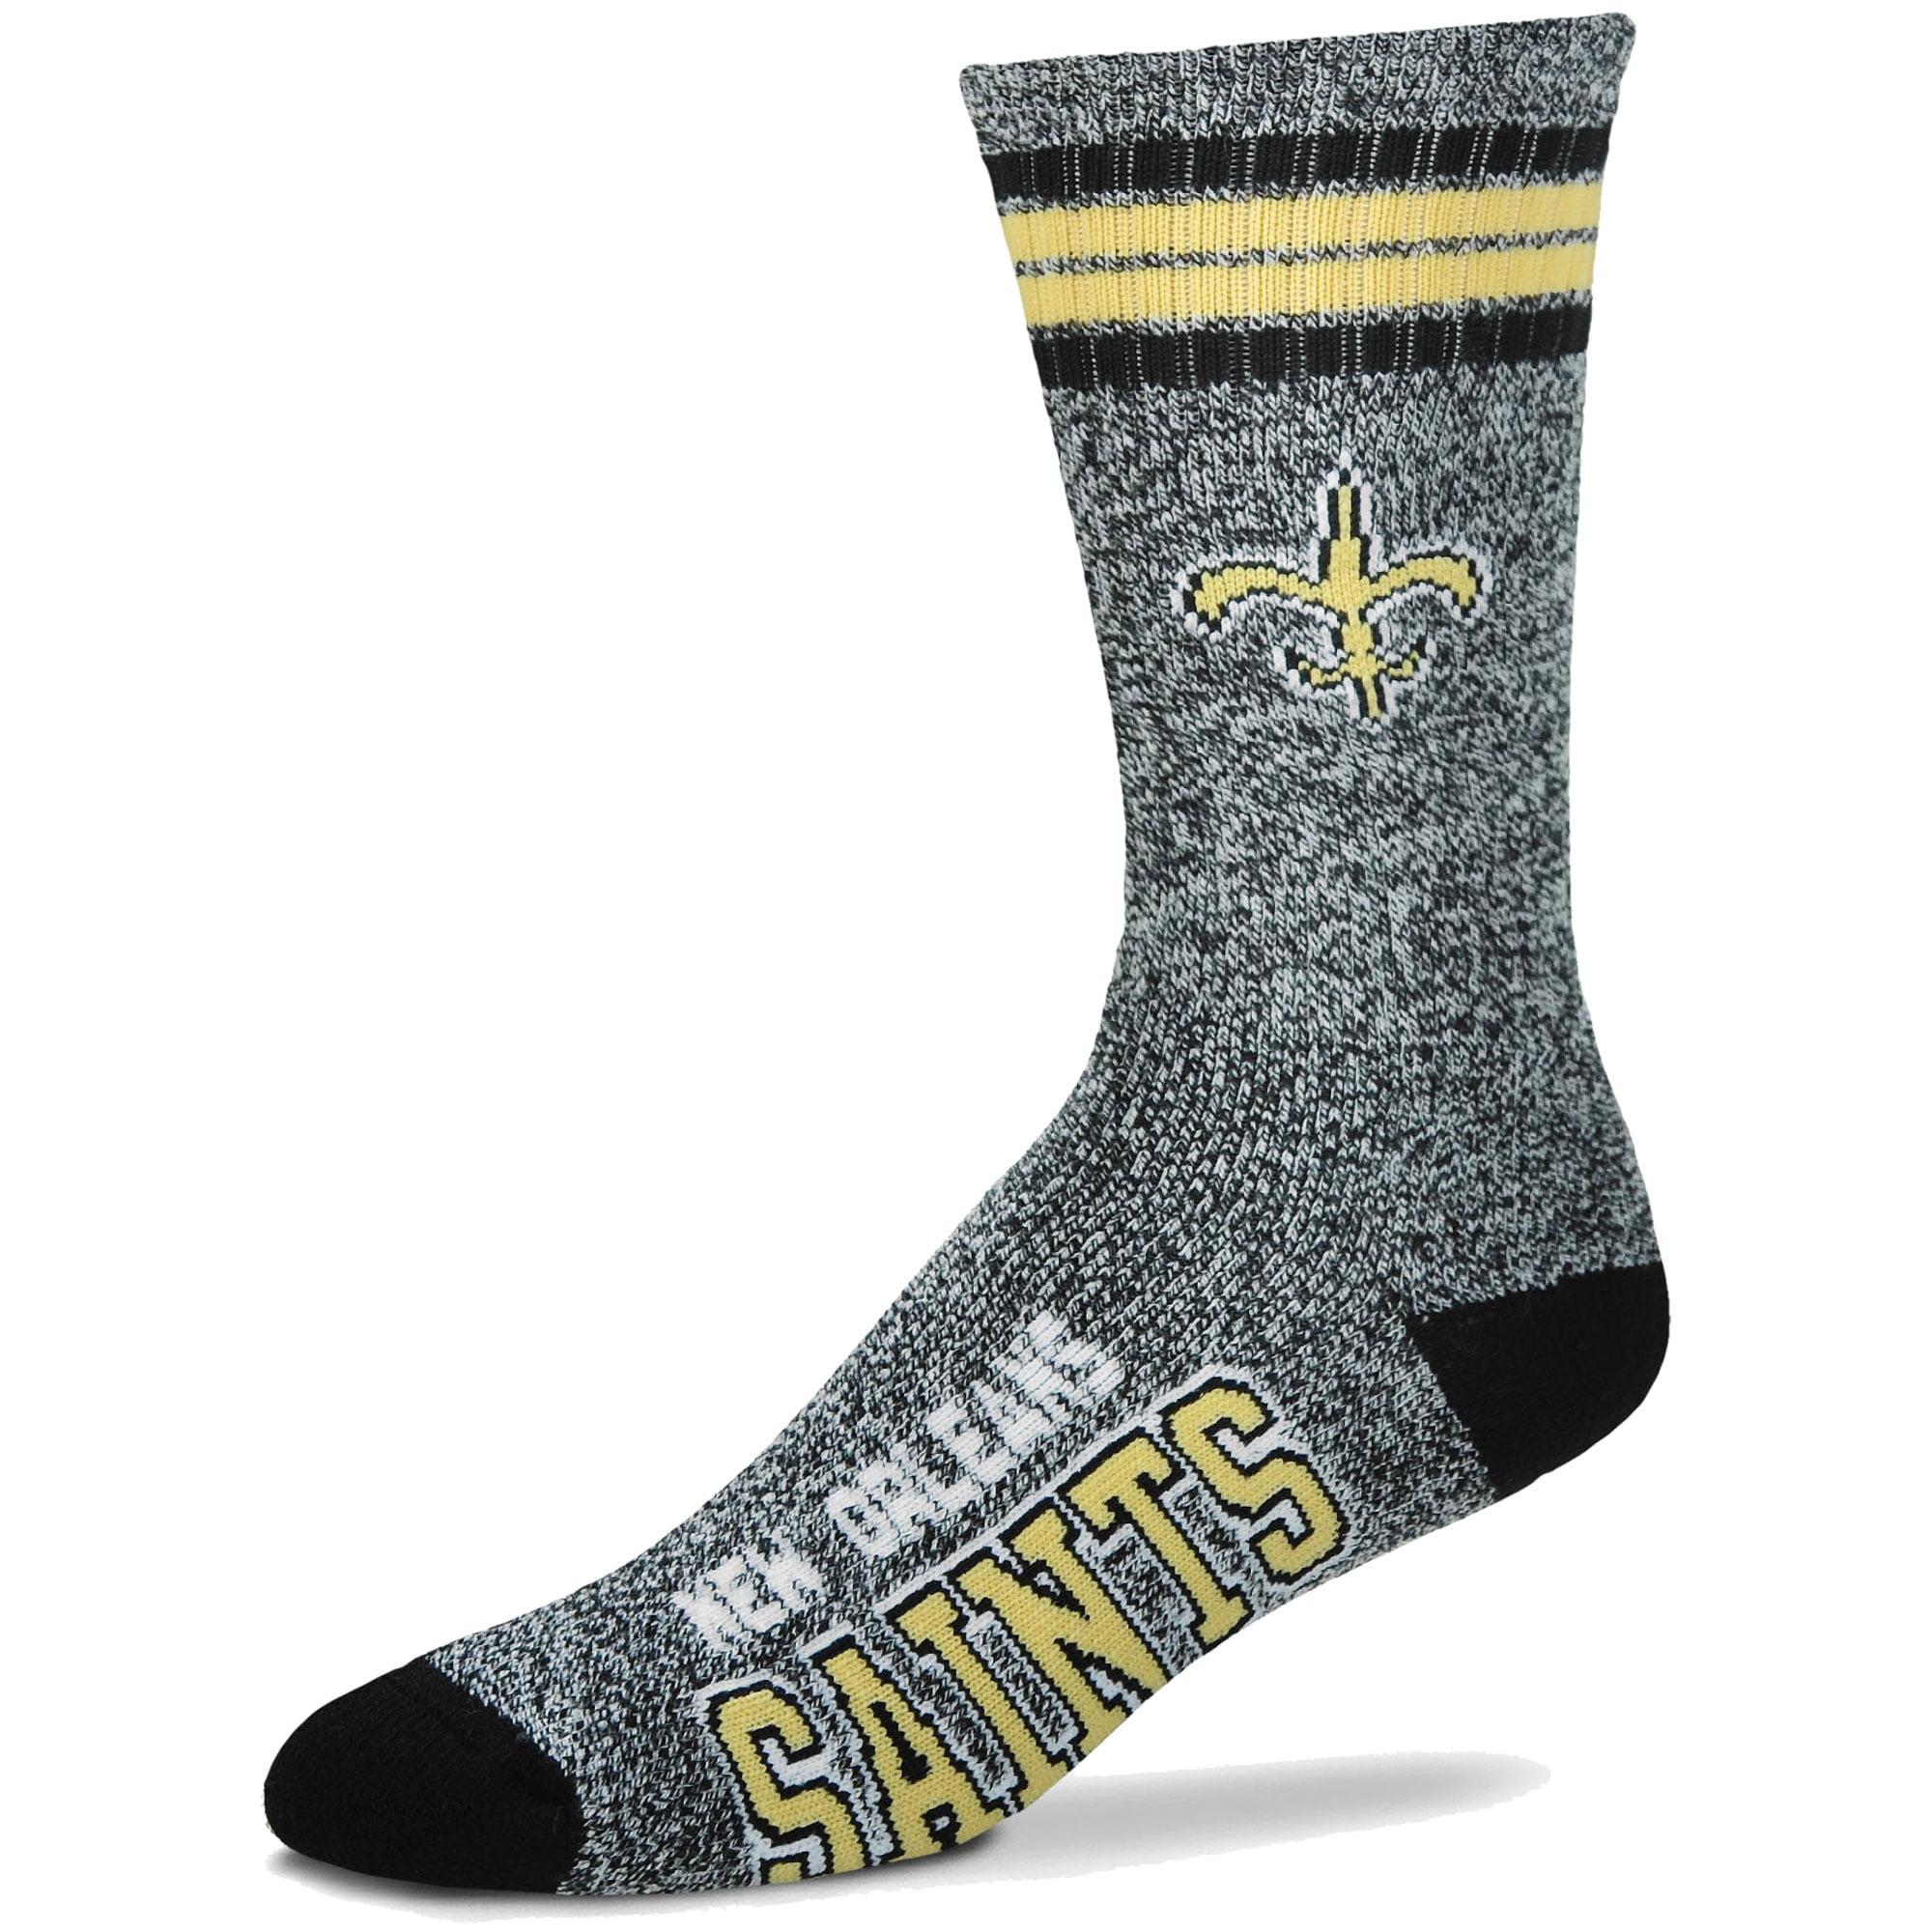 New Orleans Saints For Bare Feet Got Marble Crew Socks - Gray - L